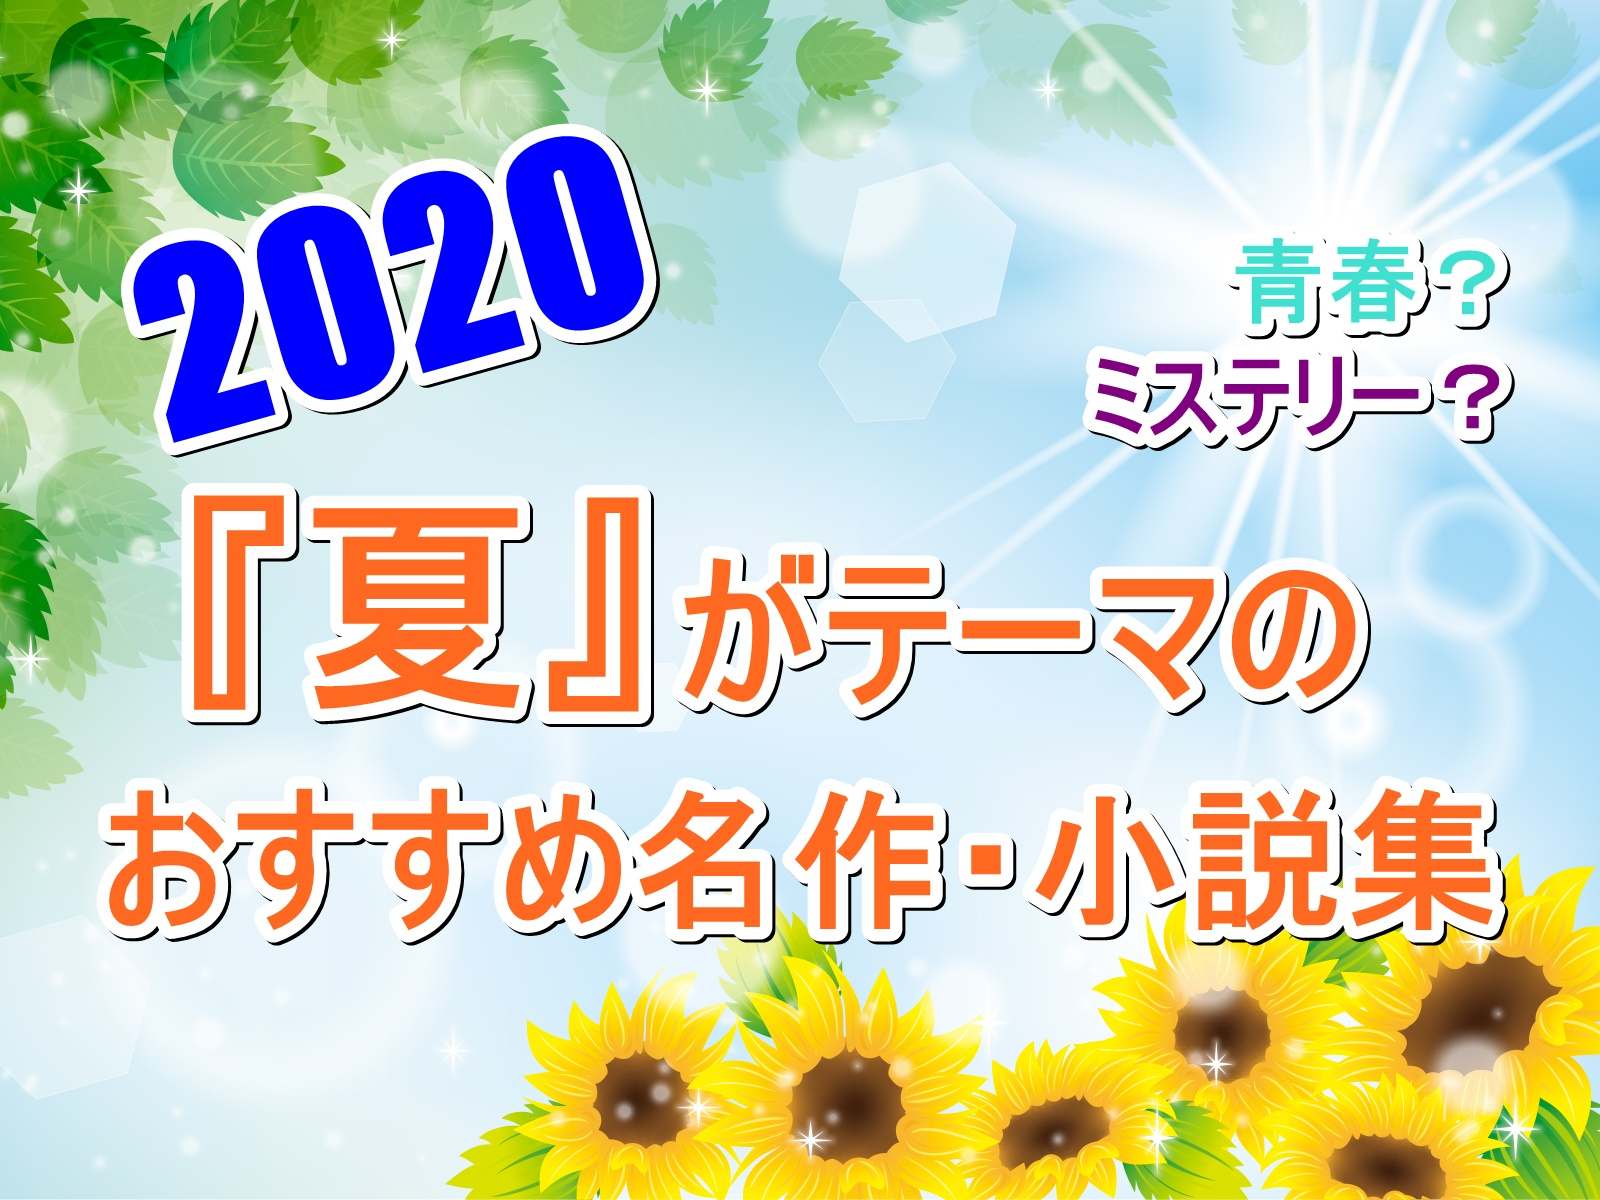 【2020年版】夏がテーマのおすすめ名作・小説まとめ!青春小説からミステリーまで